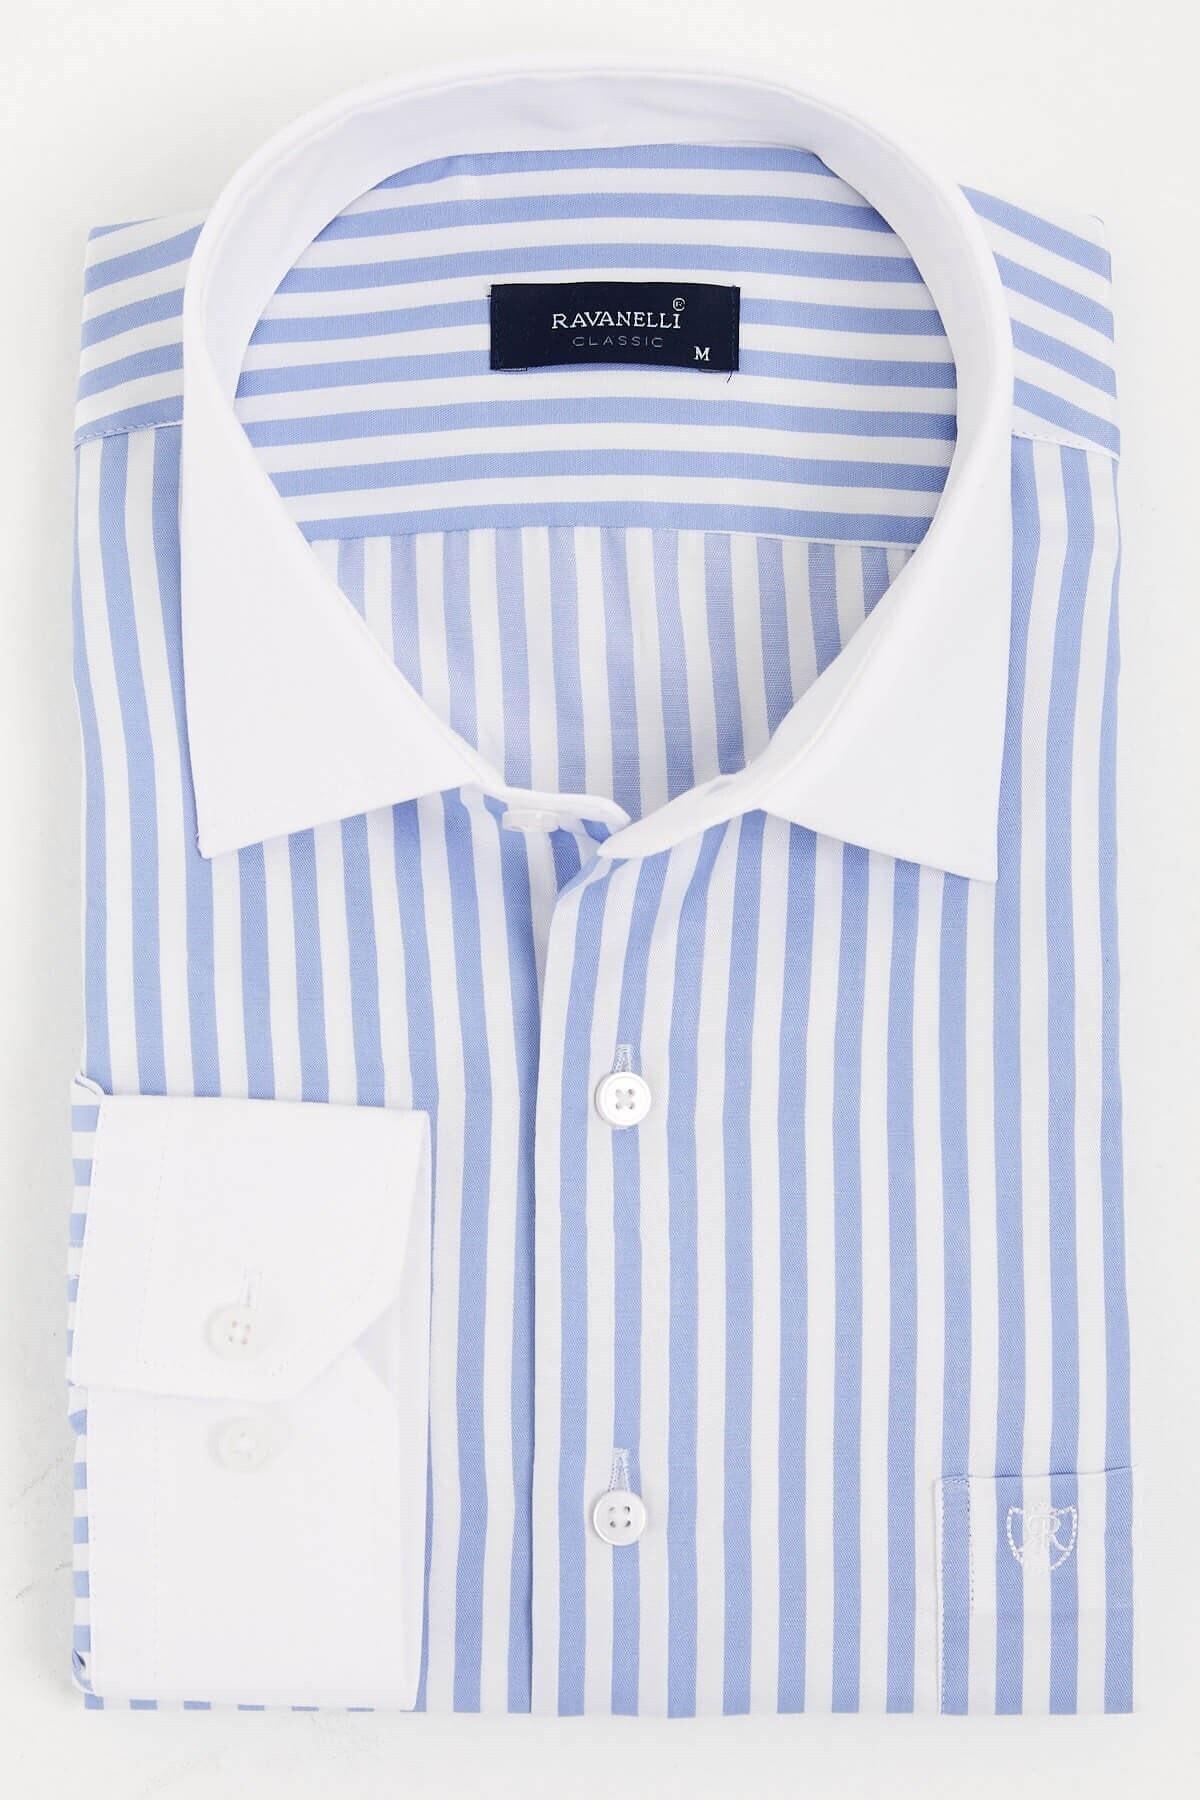 RAVANELLI Beyaz Yakalı Çizgili Klasik Gömlek 1